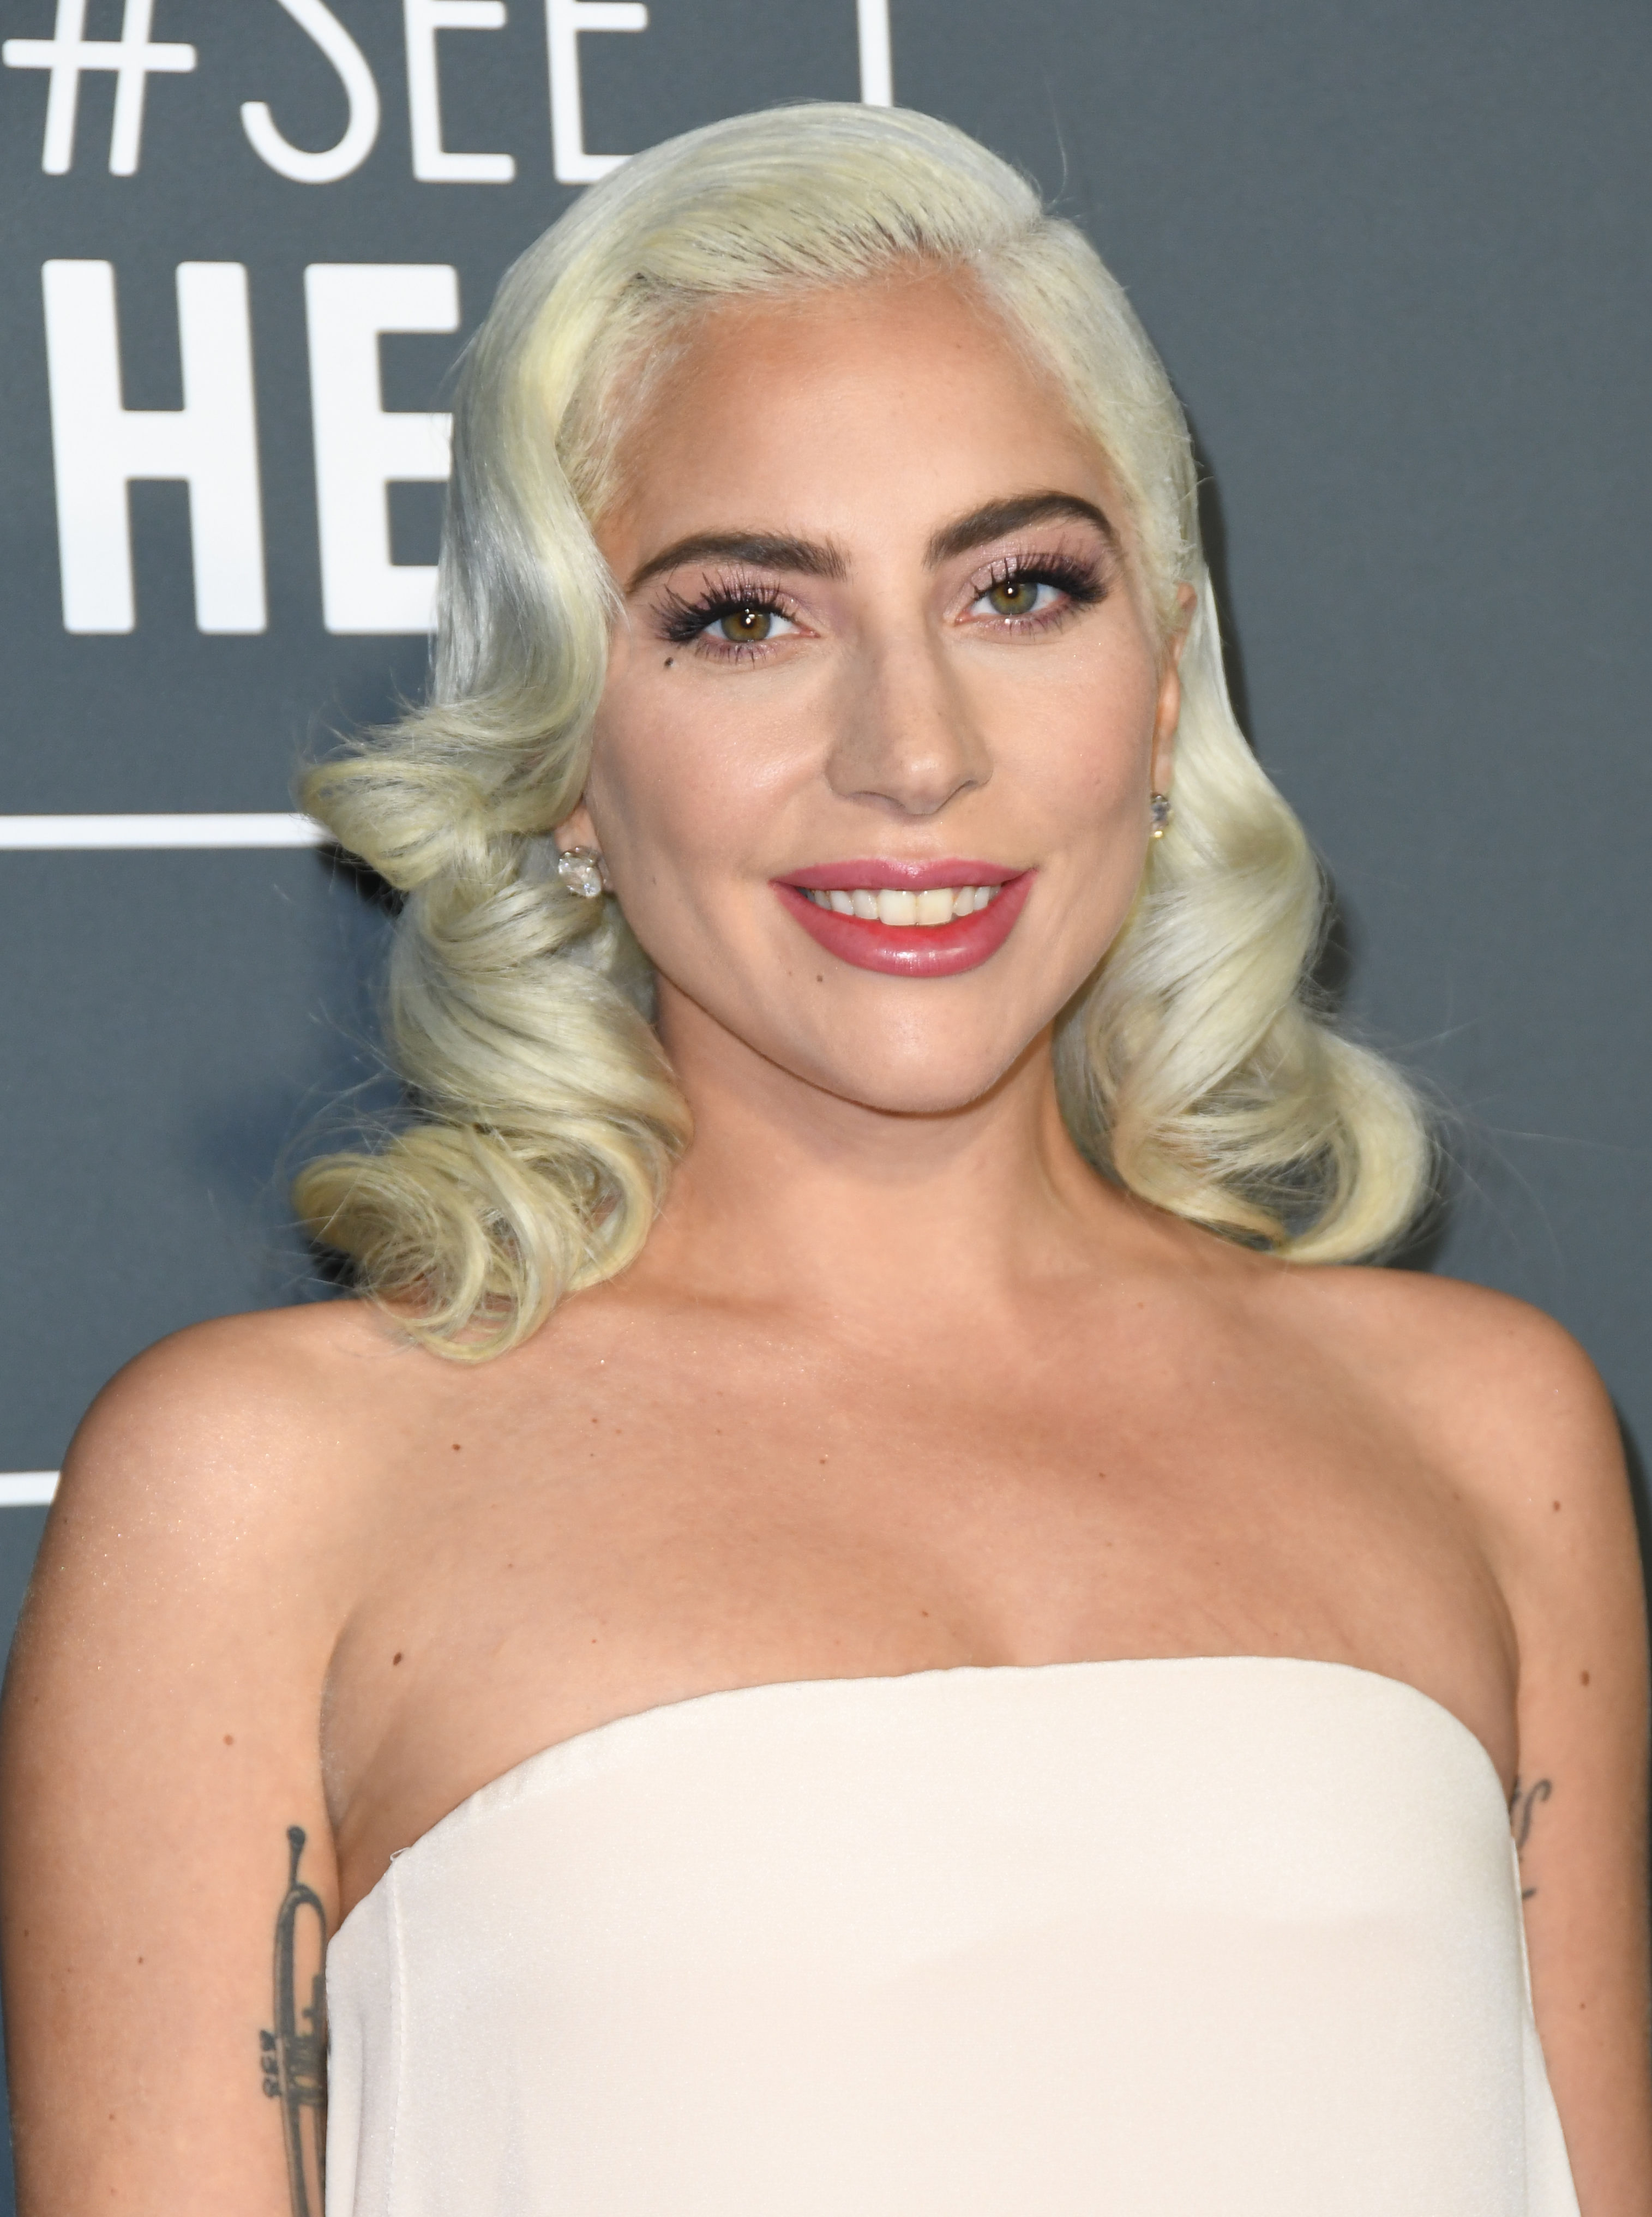 Το νέο άρωμα του οίκου Valentino μυρίζει ακριβώς όπως η Lady Gaga! Τι εννοούμε!